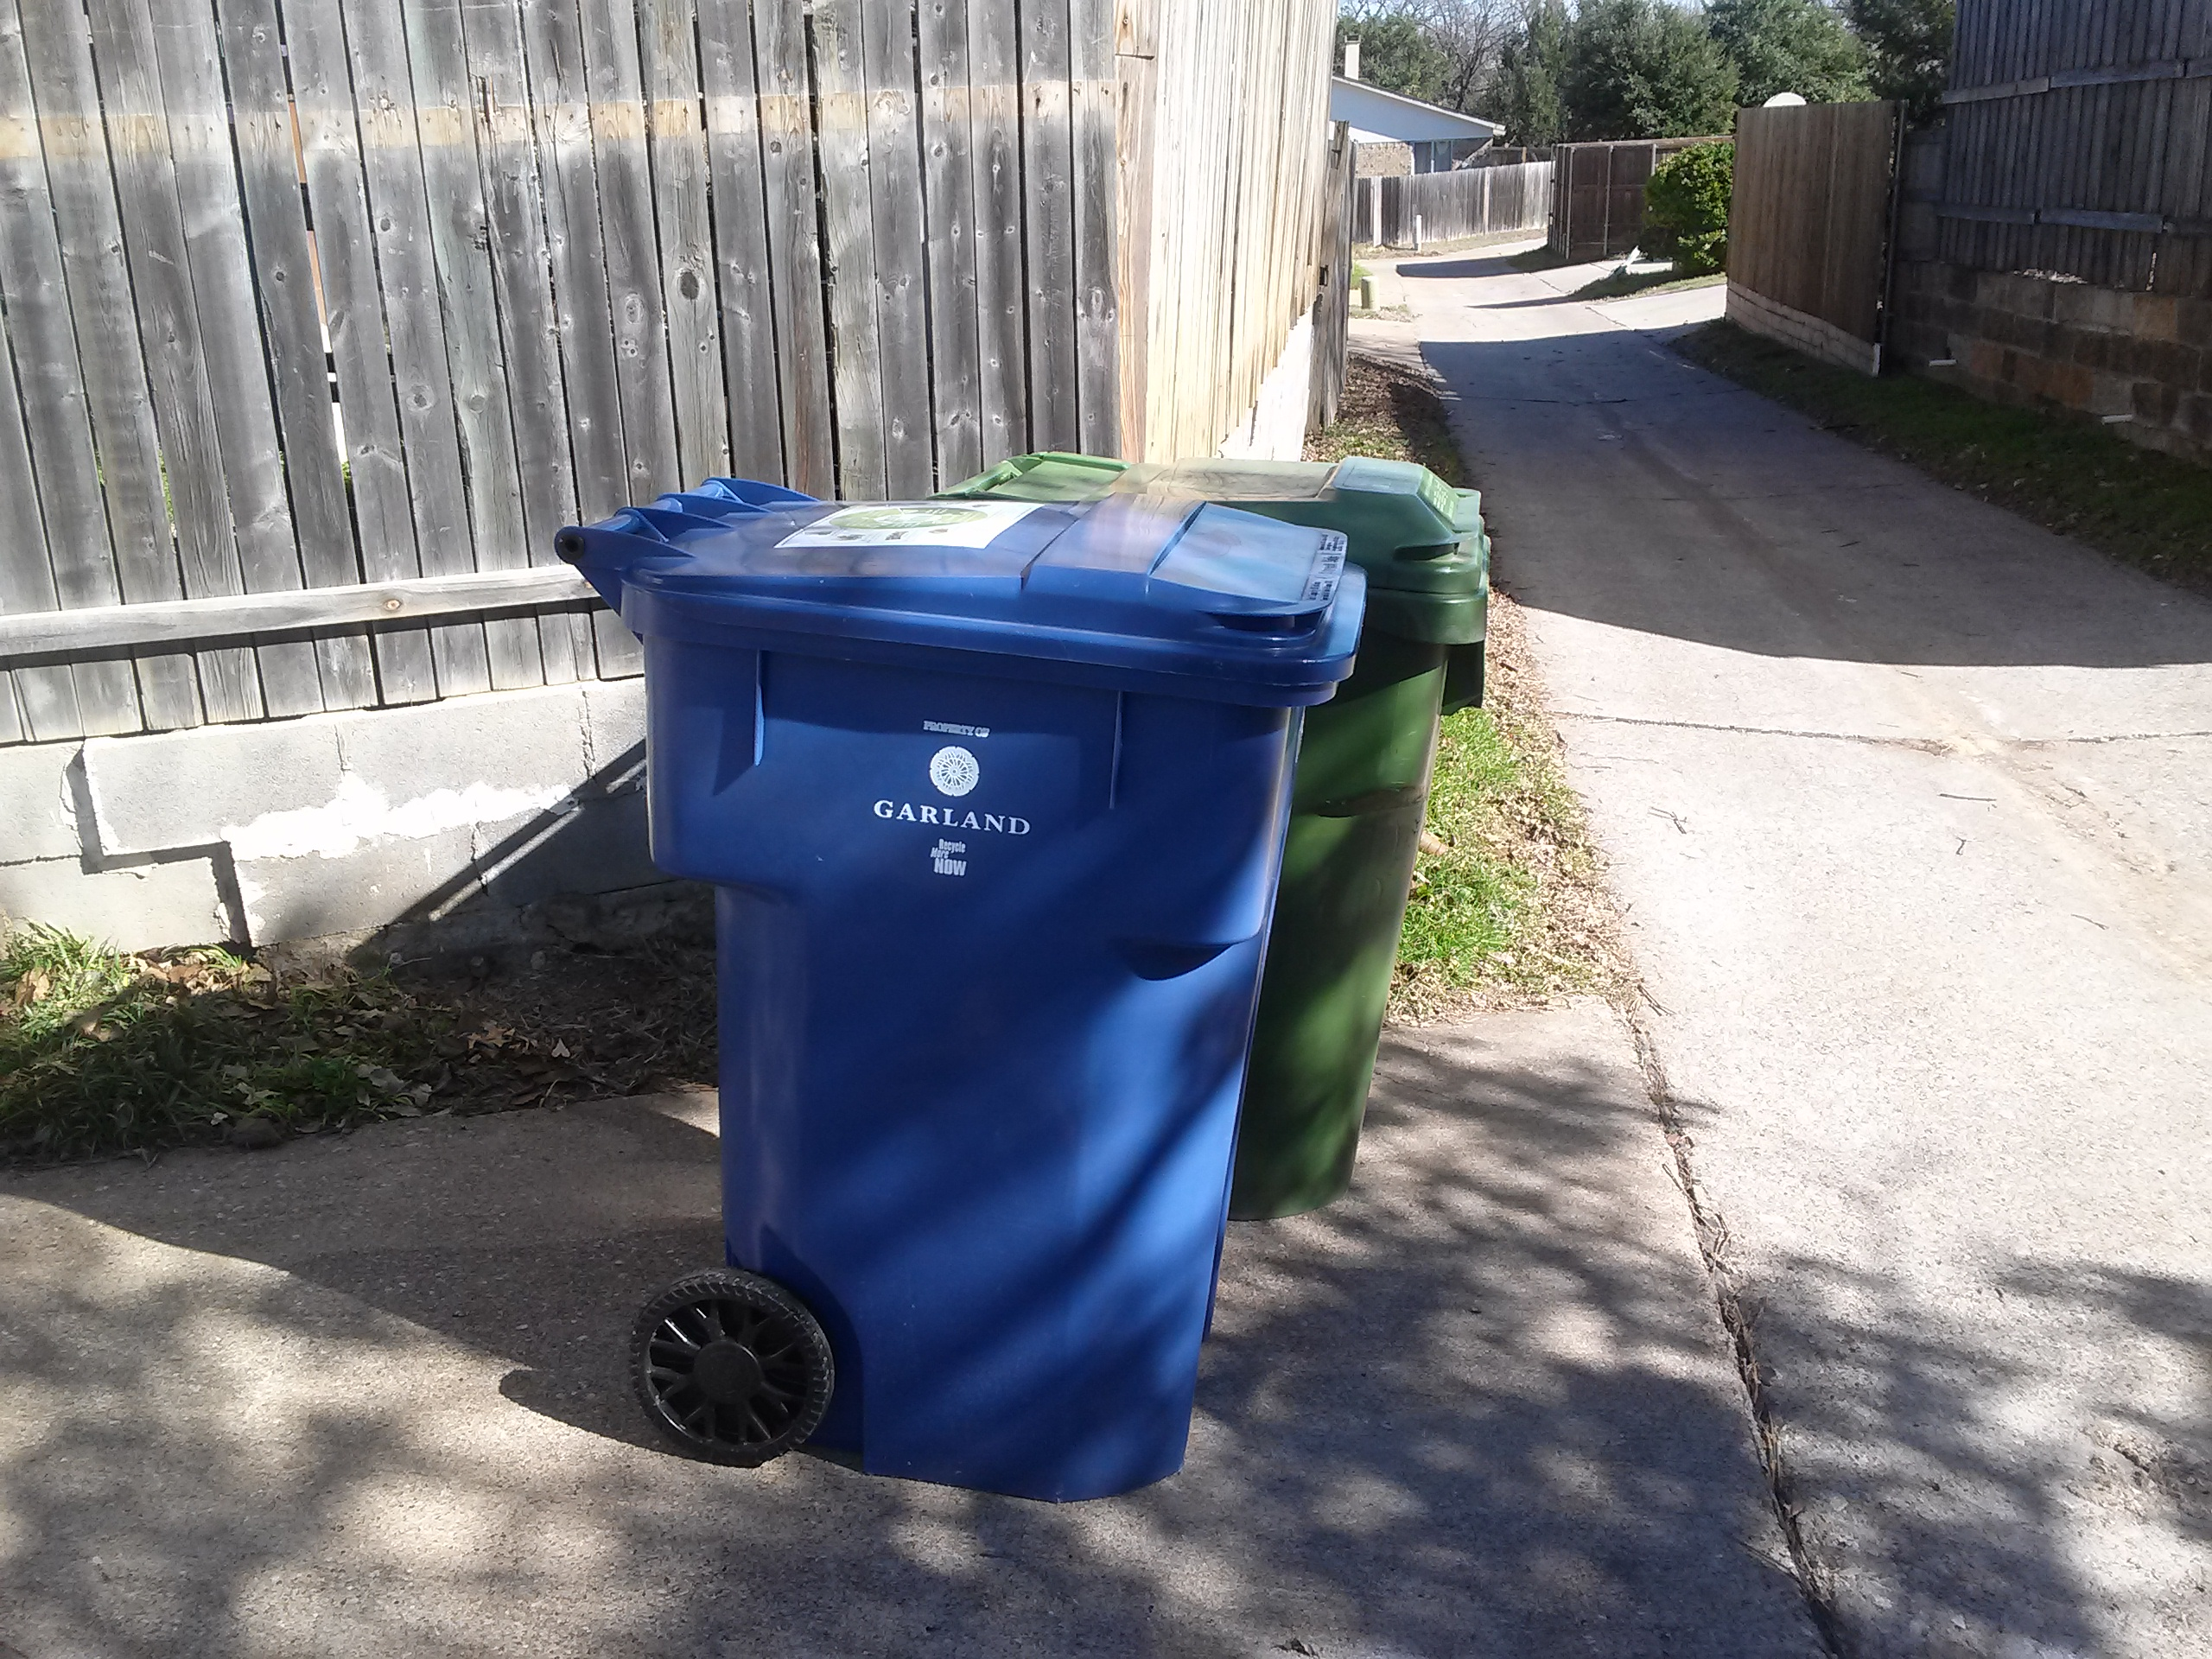 File contenedores de basura y reciclaje garland - Contenedores de reciclar ...